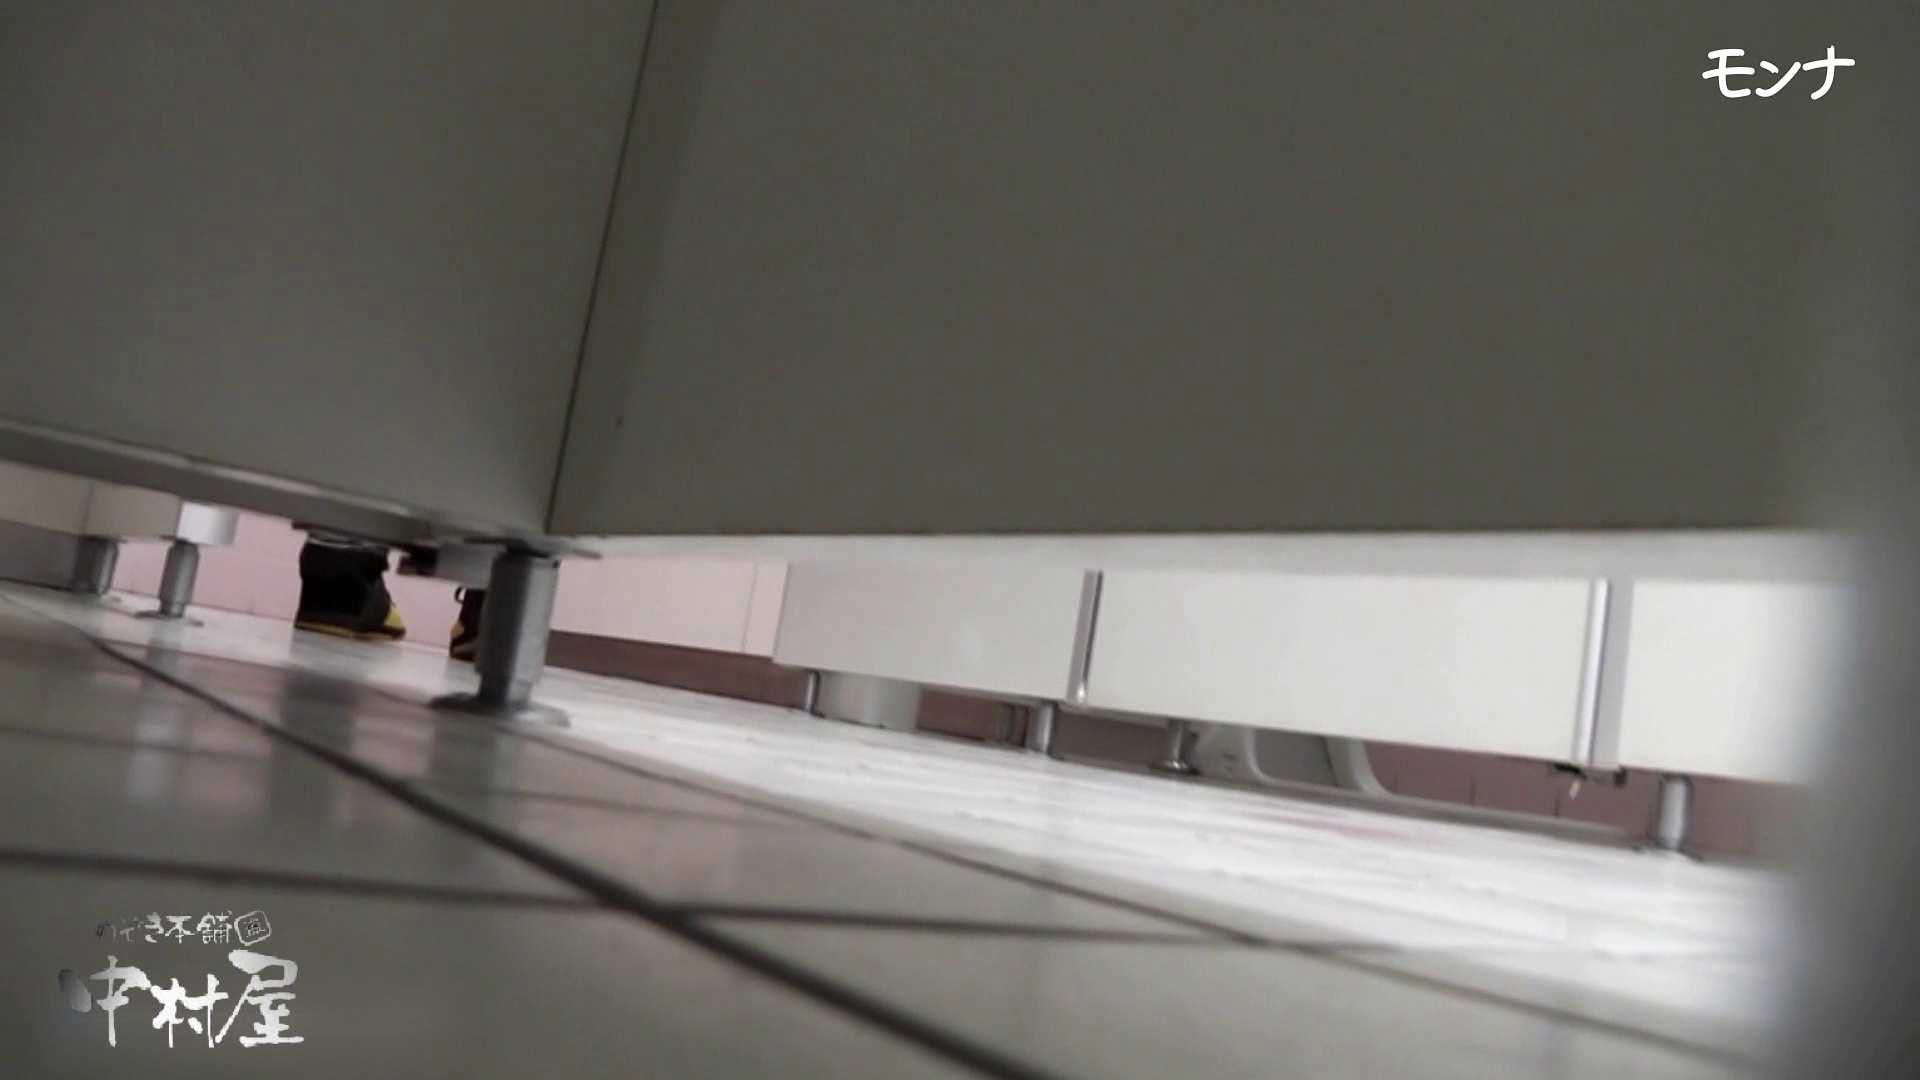 【美しい日本の未来】美しい日本の未来 No.69 ひやっと!終始15cmのしらすを垂らしながら・・・ OLハメ撮り  105Pix 20